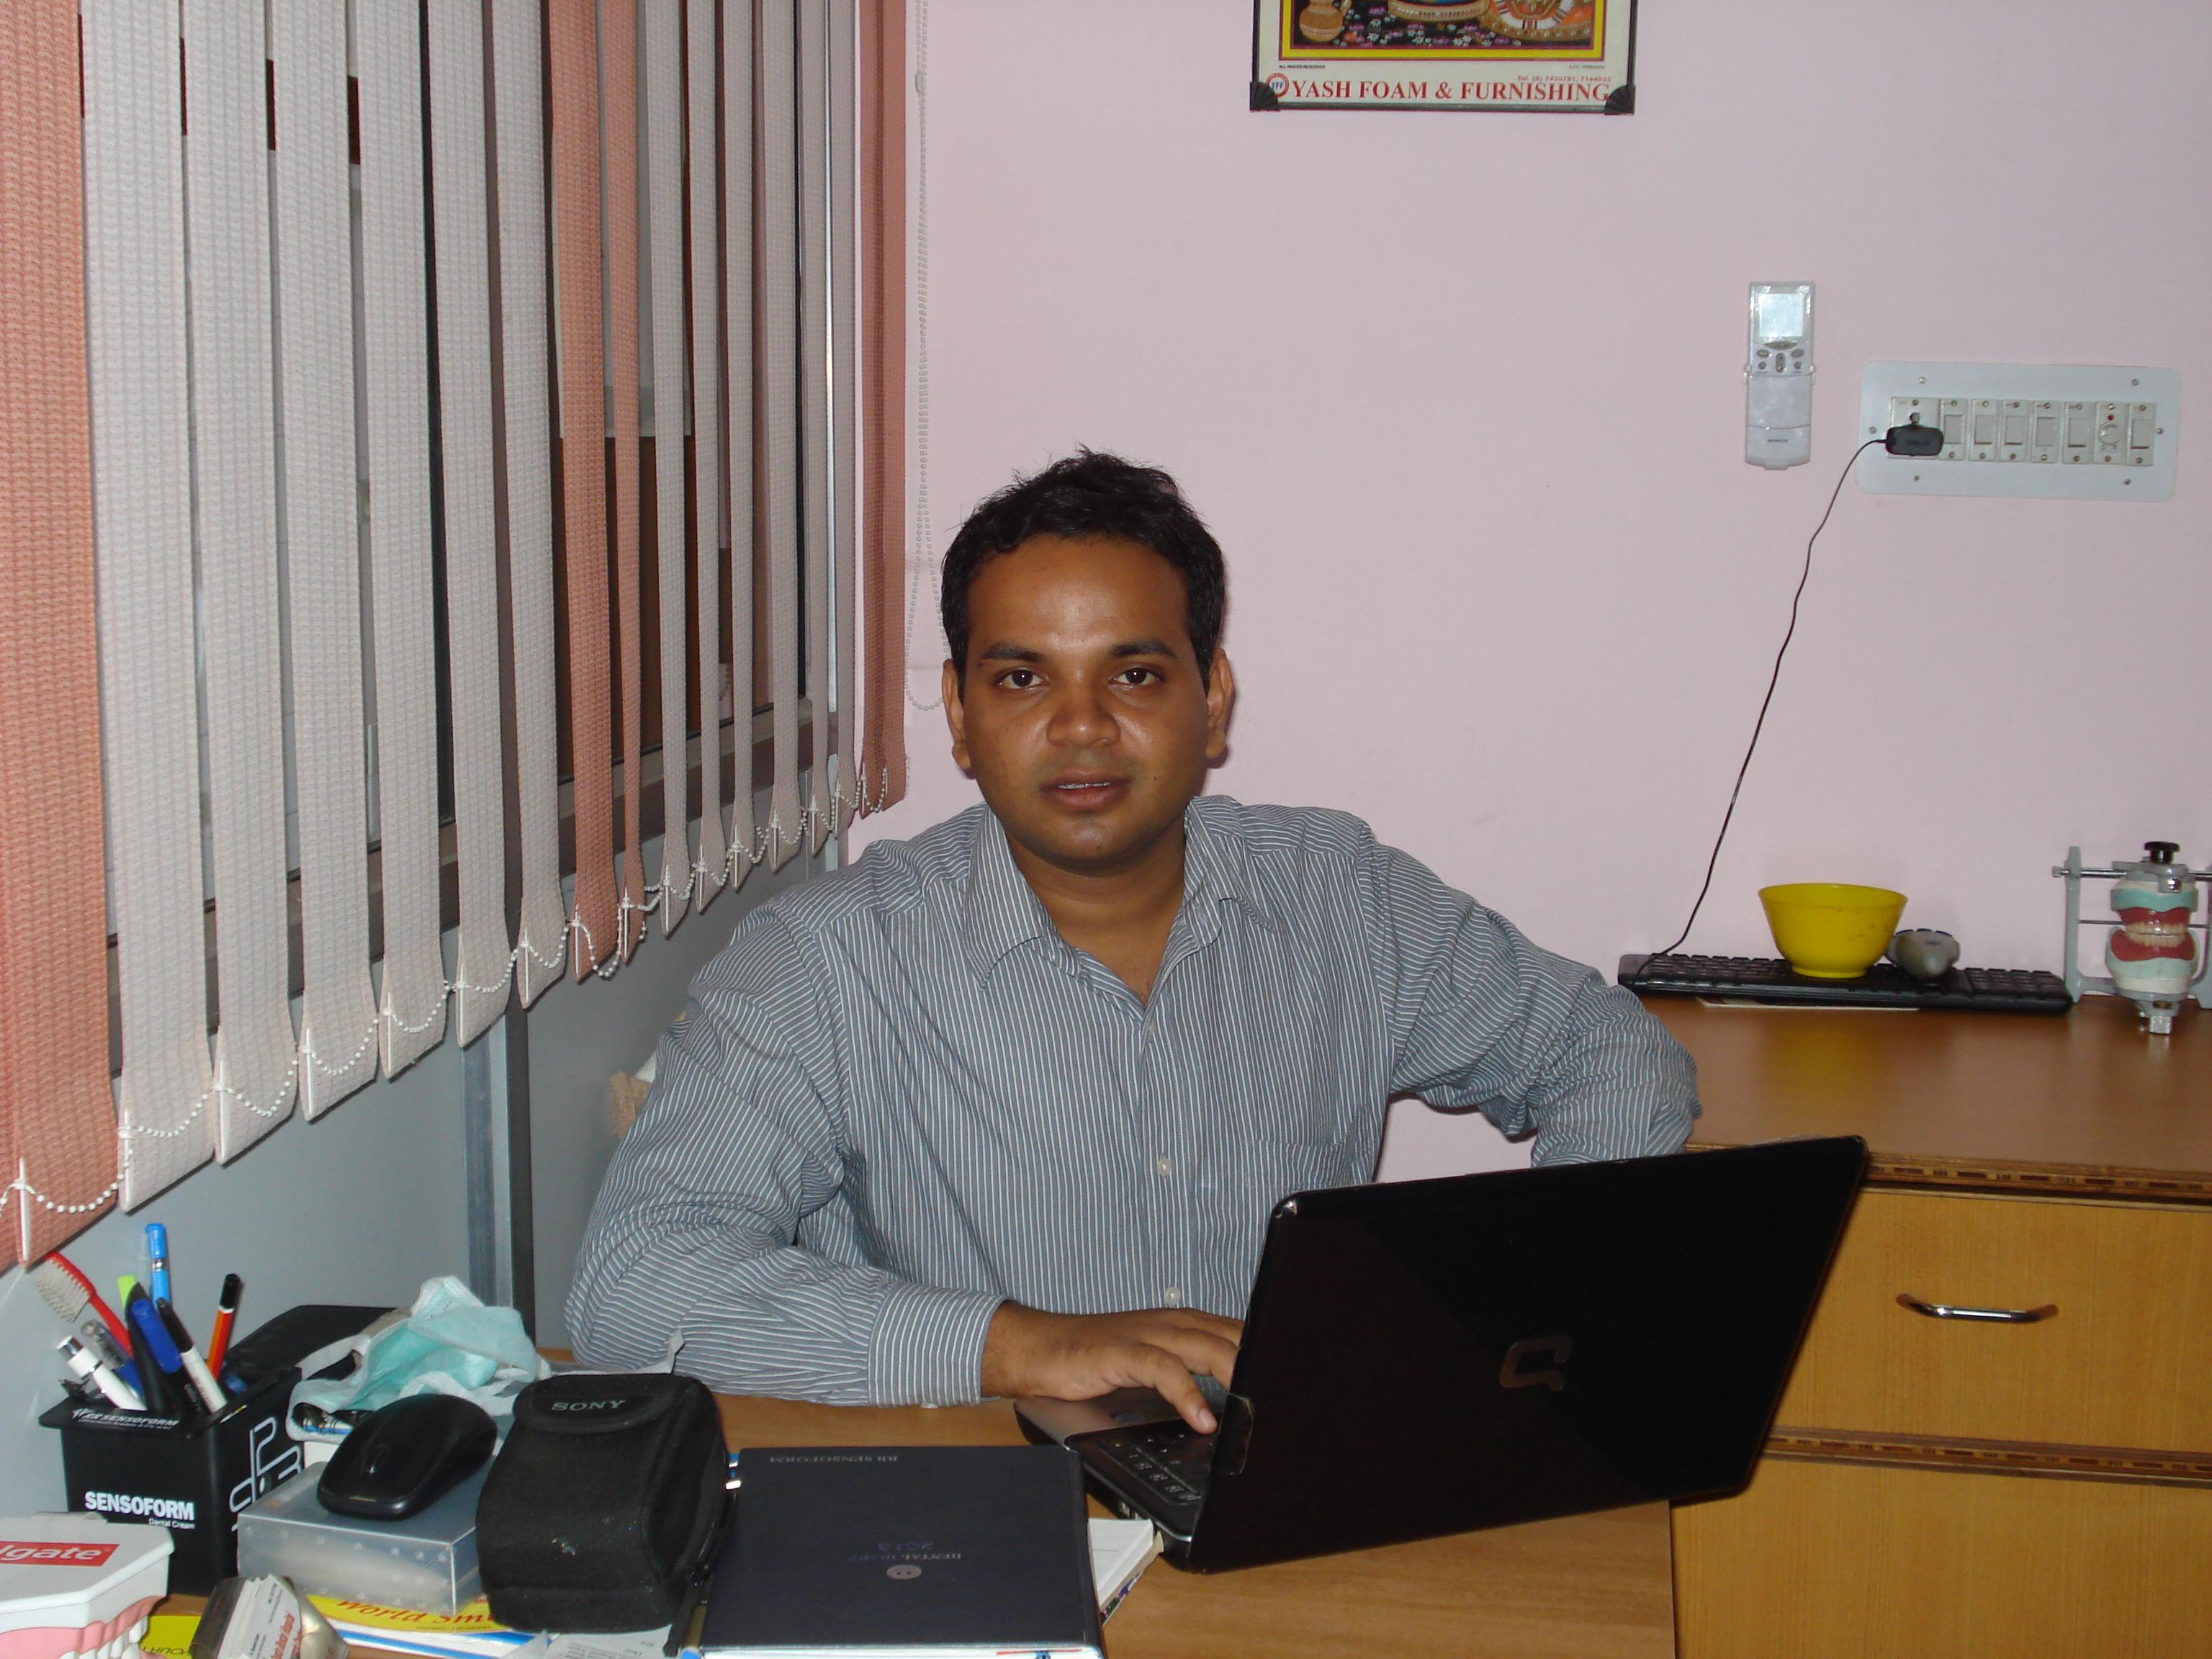 Dr. Shashank Gupta - Dentist